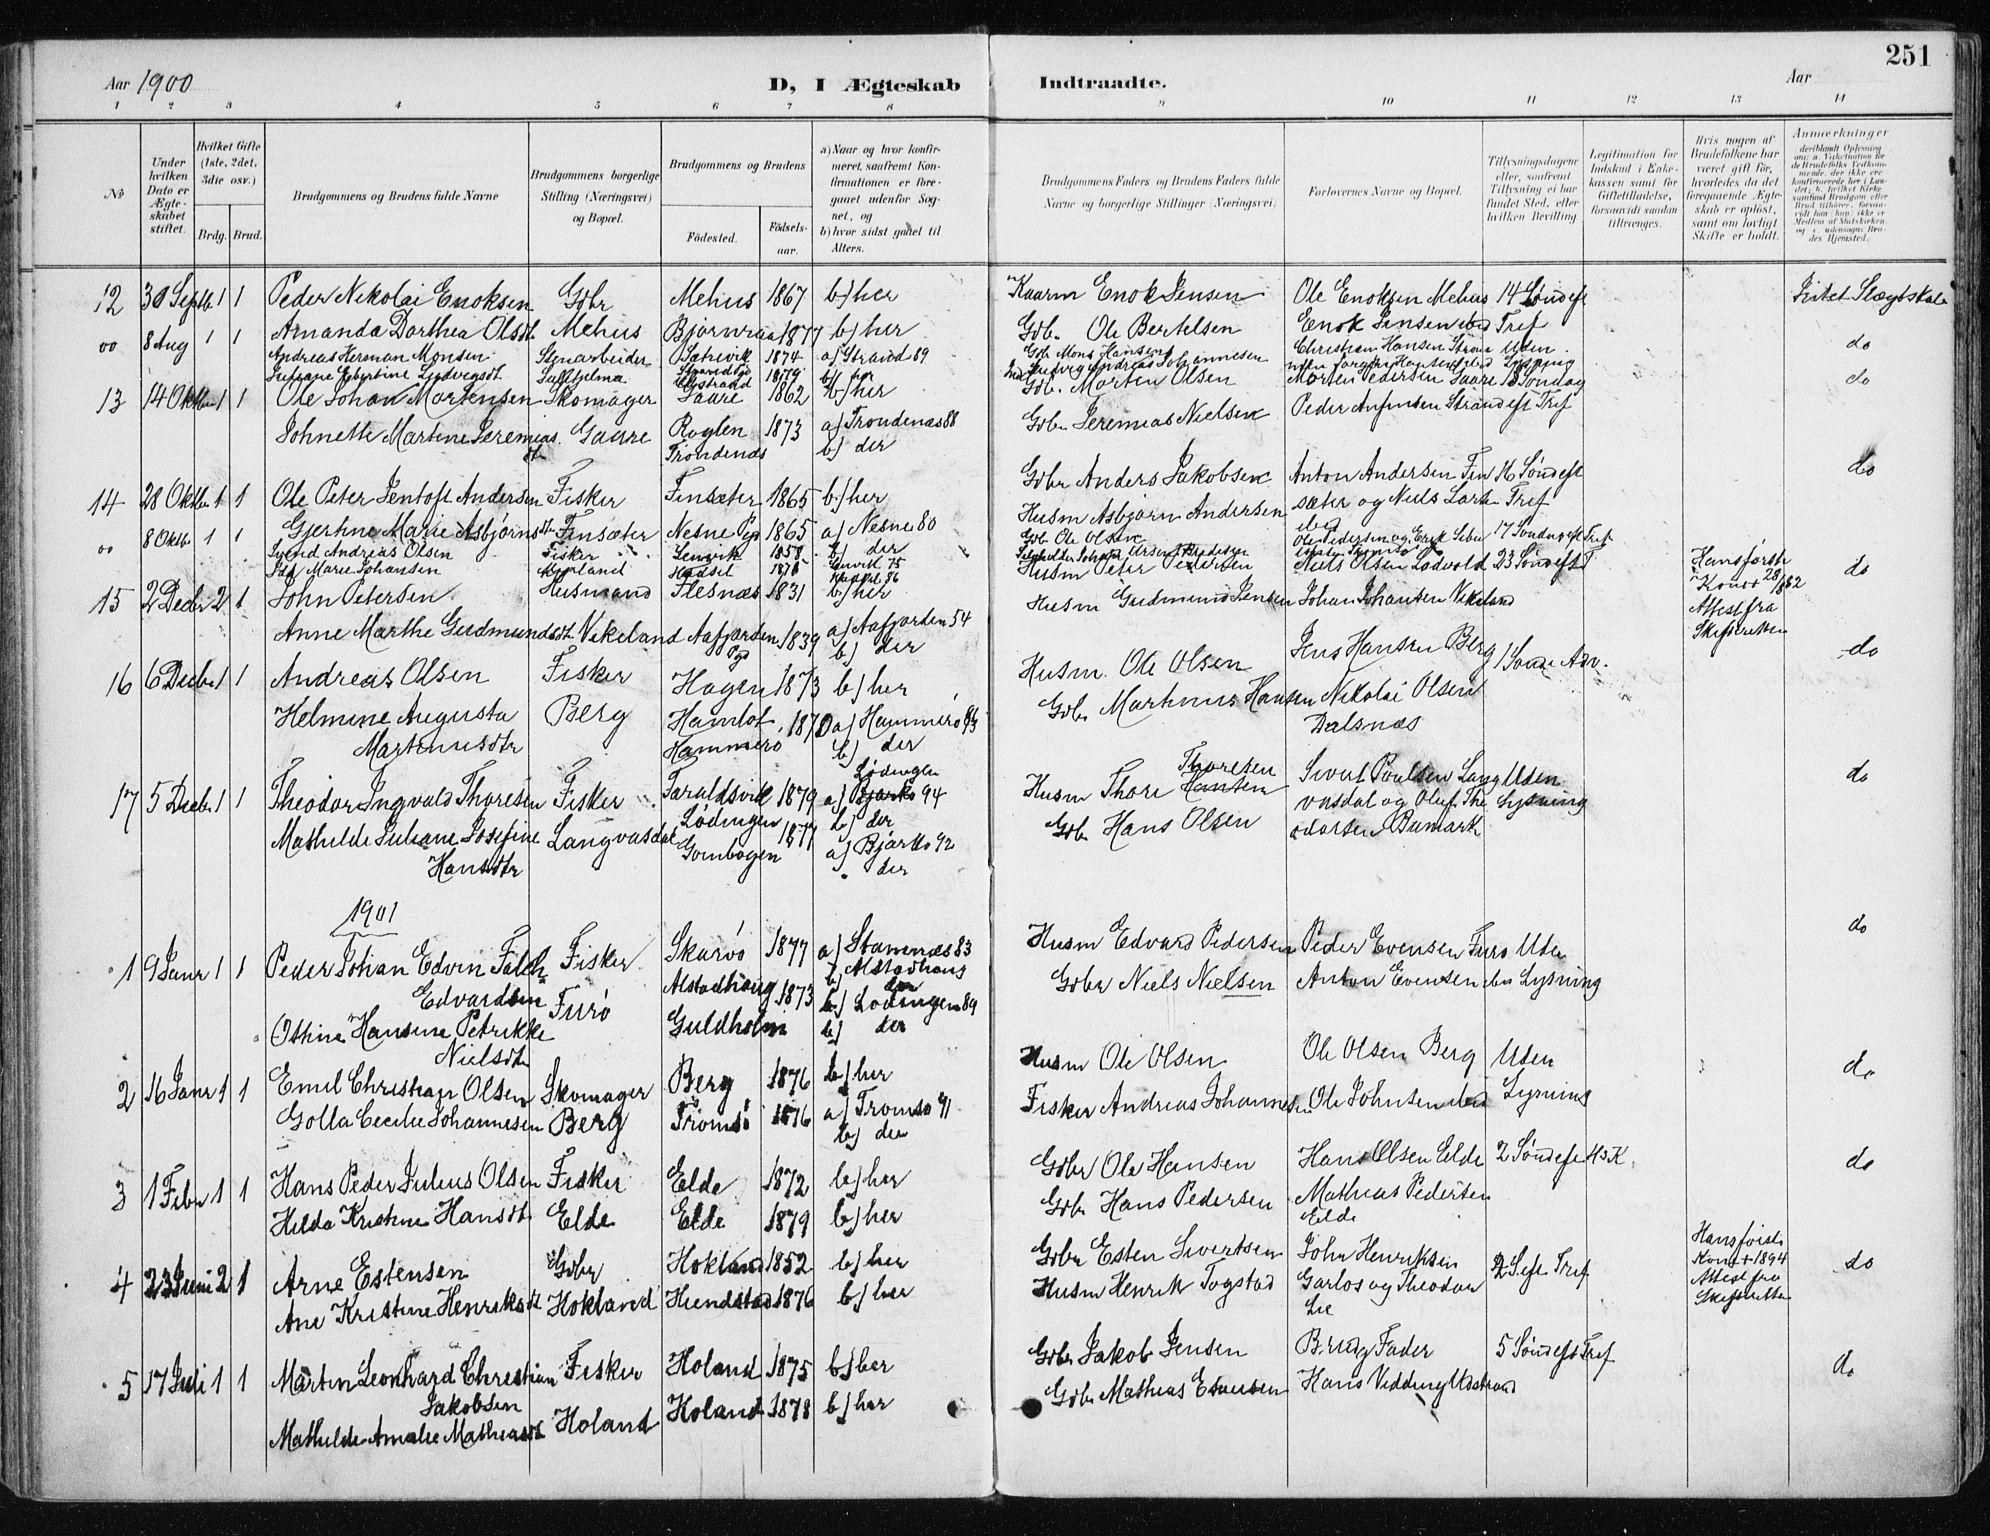 SATØ, Kvæfjord sokneprestkontor, G/Ga/Gaa/L0006kirke: Ministerialbok nr. 6, 1895-1914, s. 251